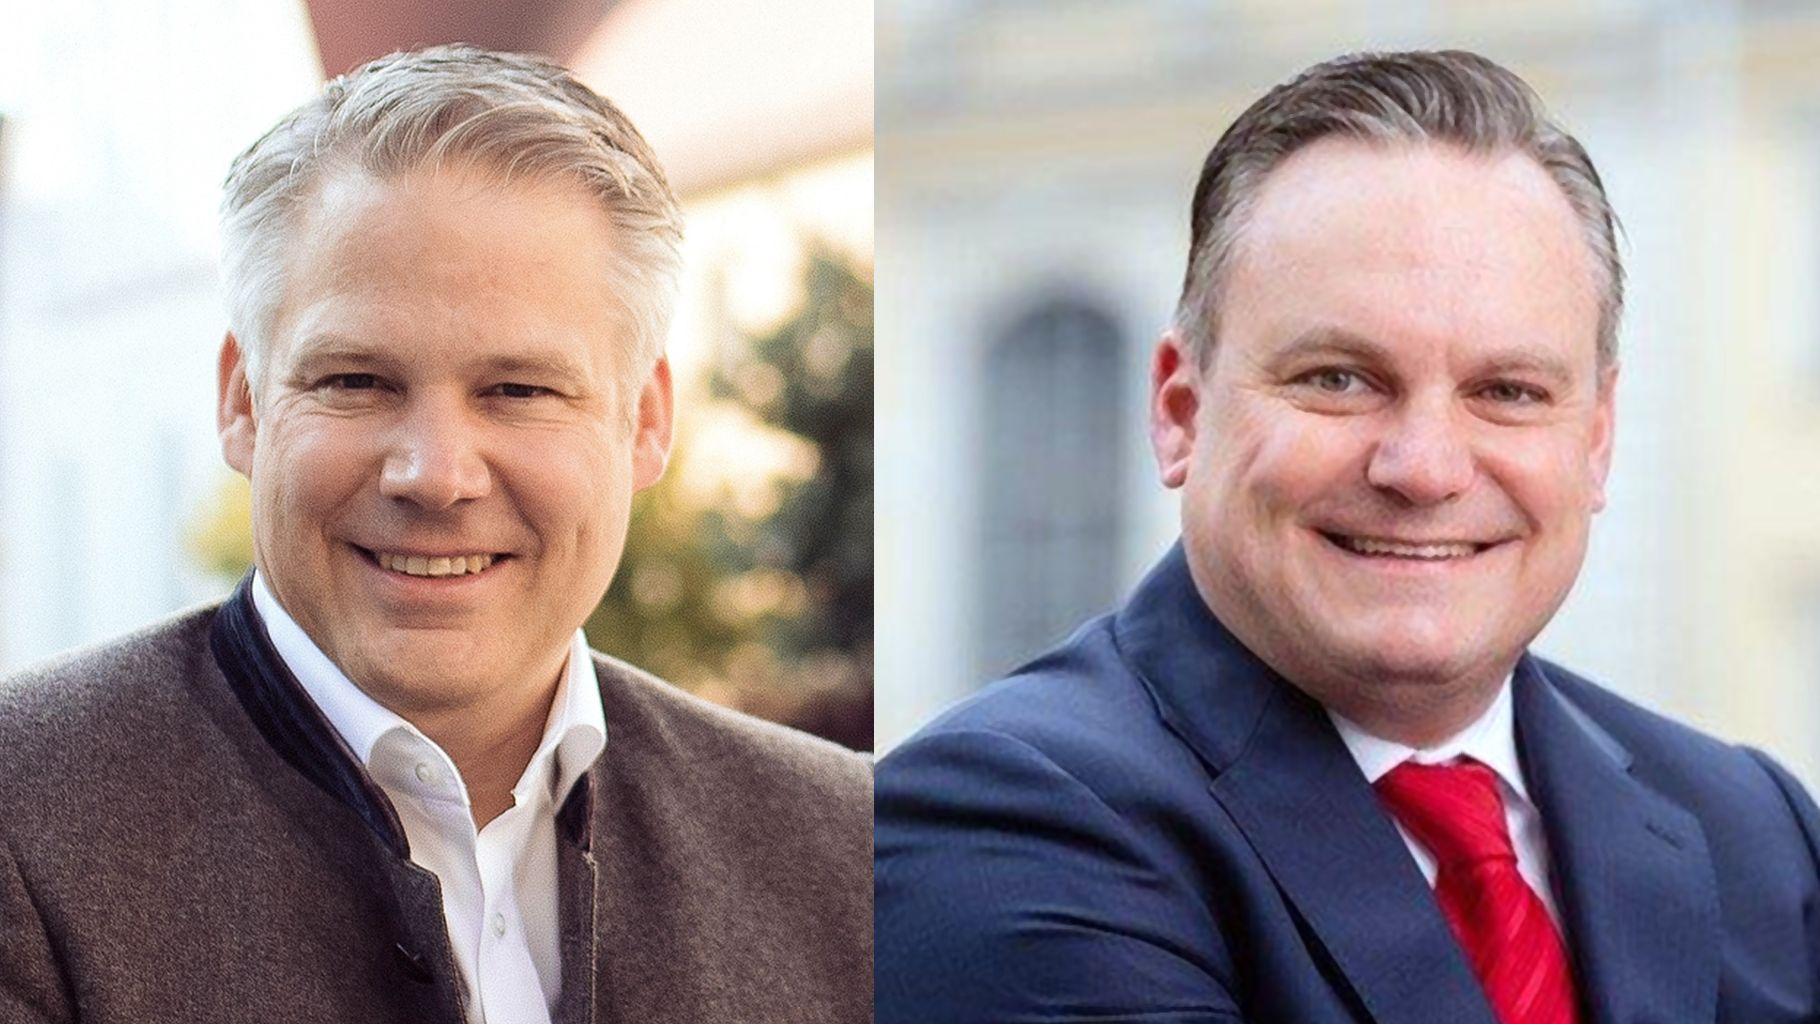 links: Christian Lösel von der CSU, rechts: Christian Scharpf von der SPD - Oberbürgermeister-Kandidaten in Ingolstadt.